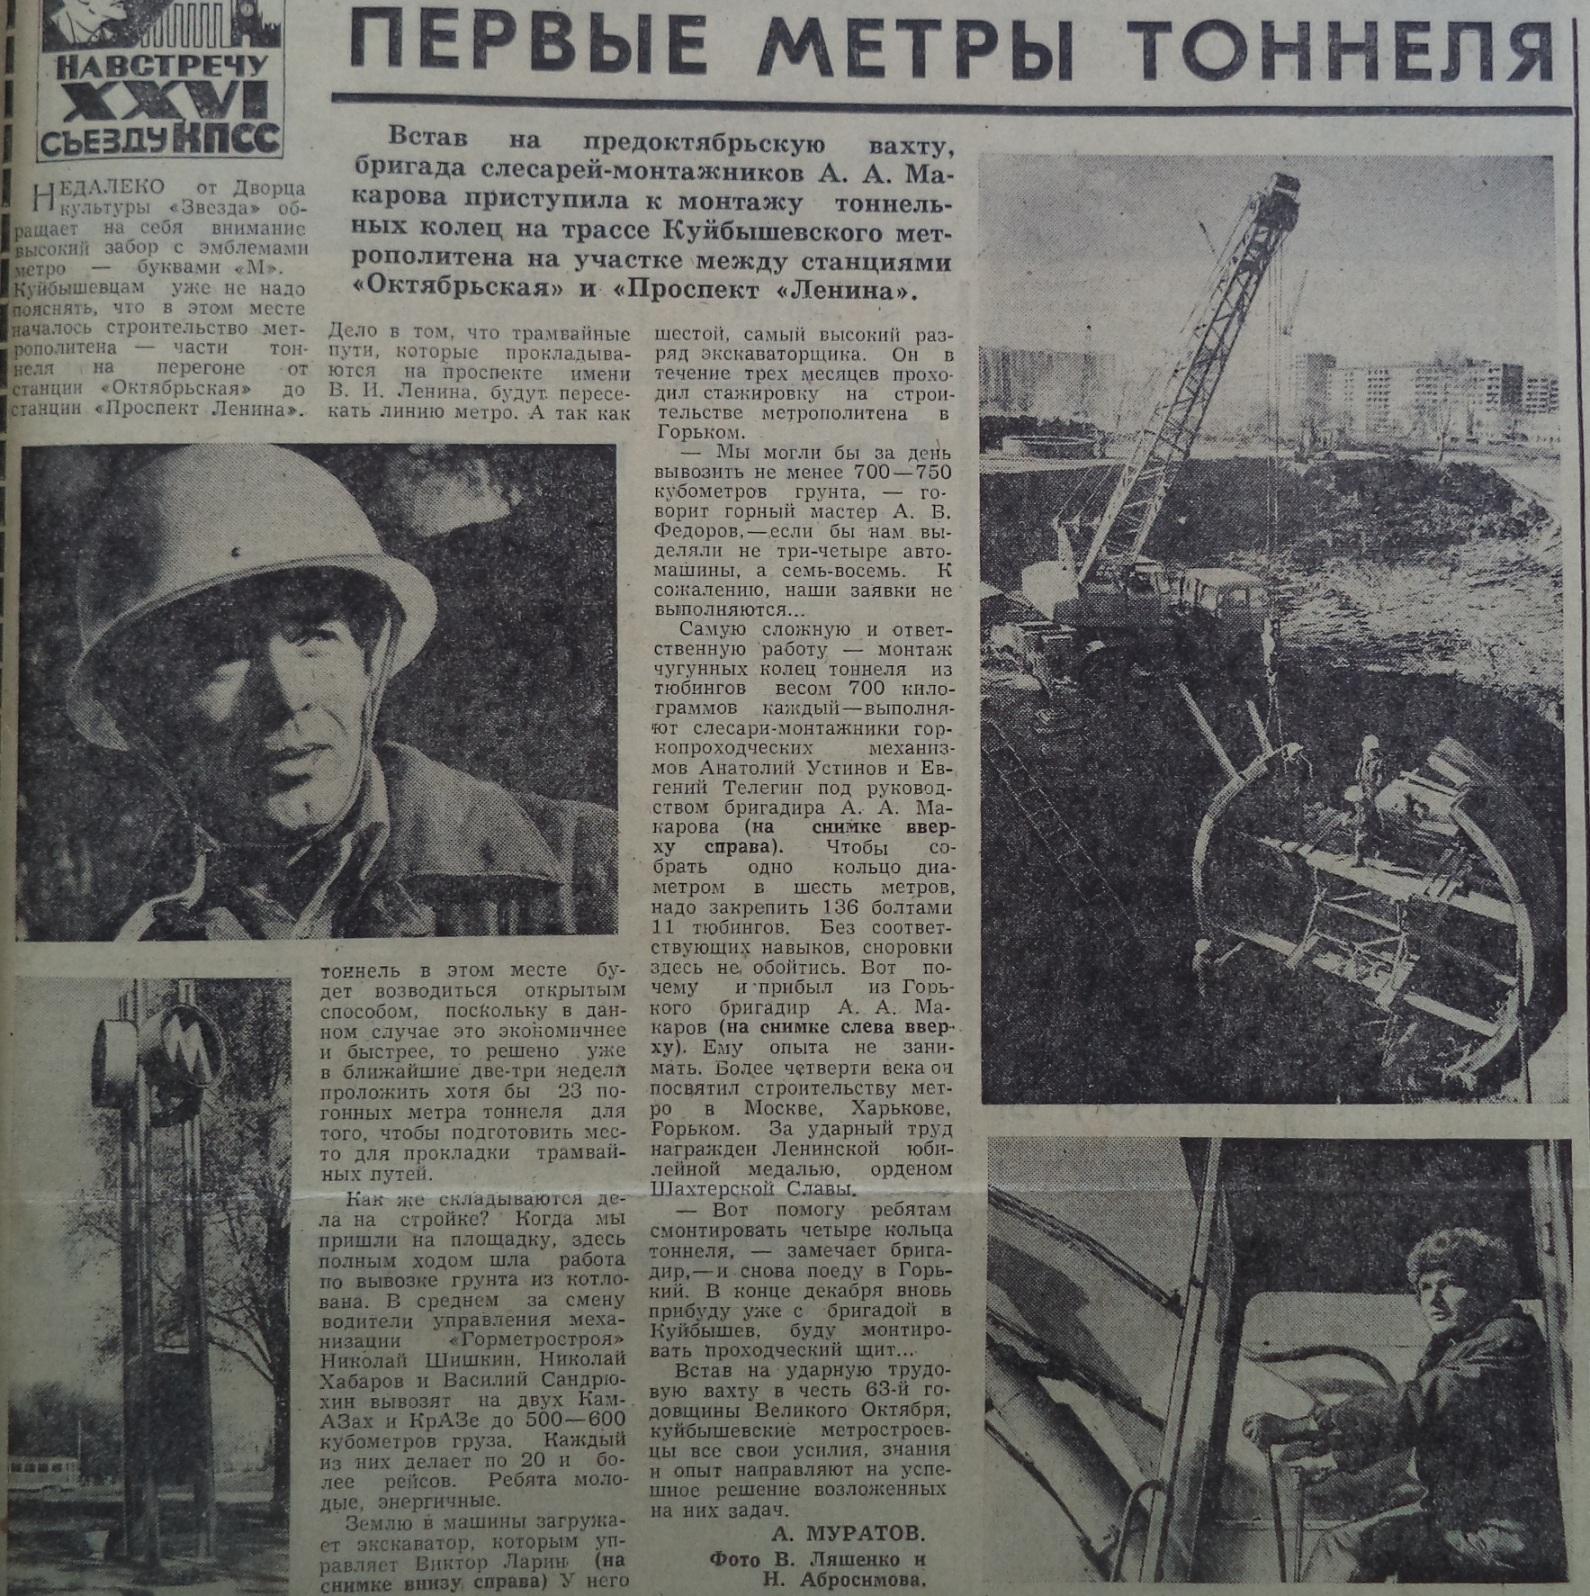 ФОТО-27-Ленина-ВЗя-1980-10-30-фото метротоннеля на НС-пр. Лен.